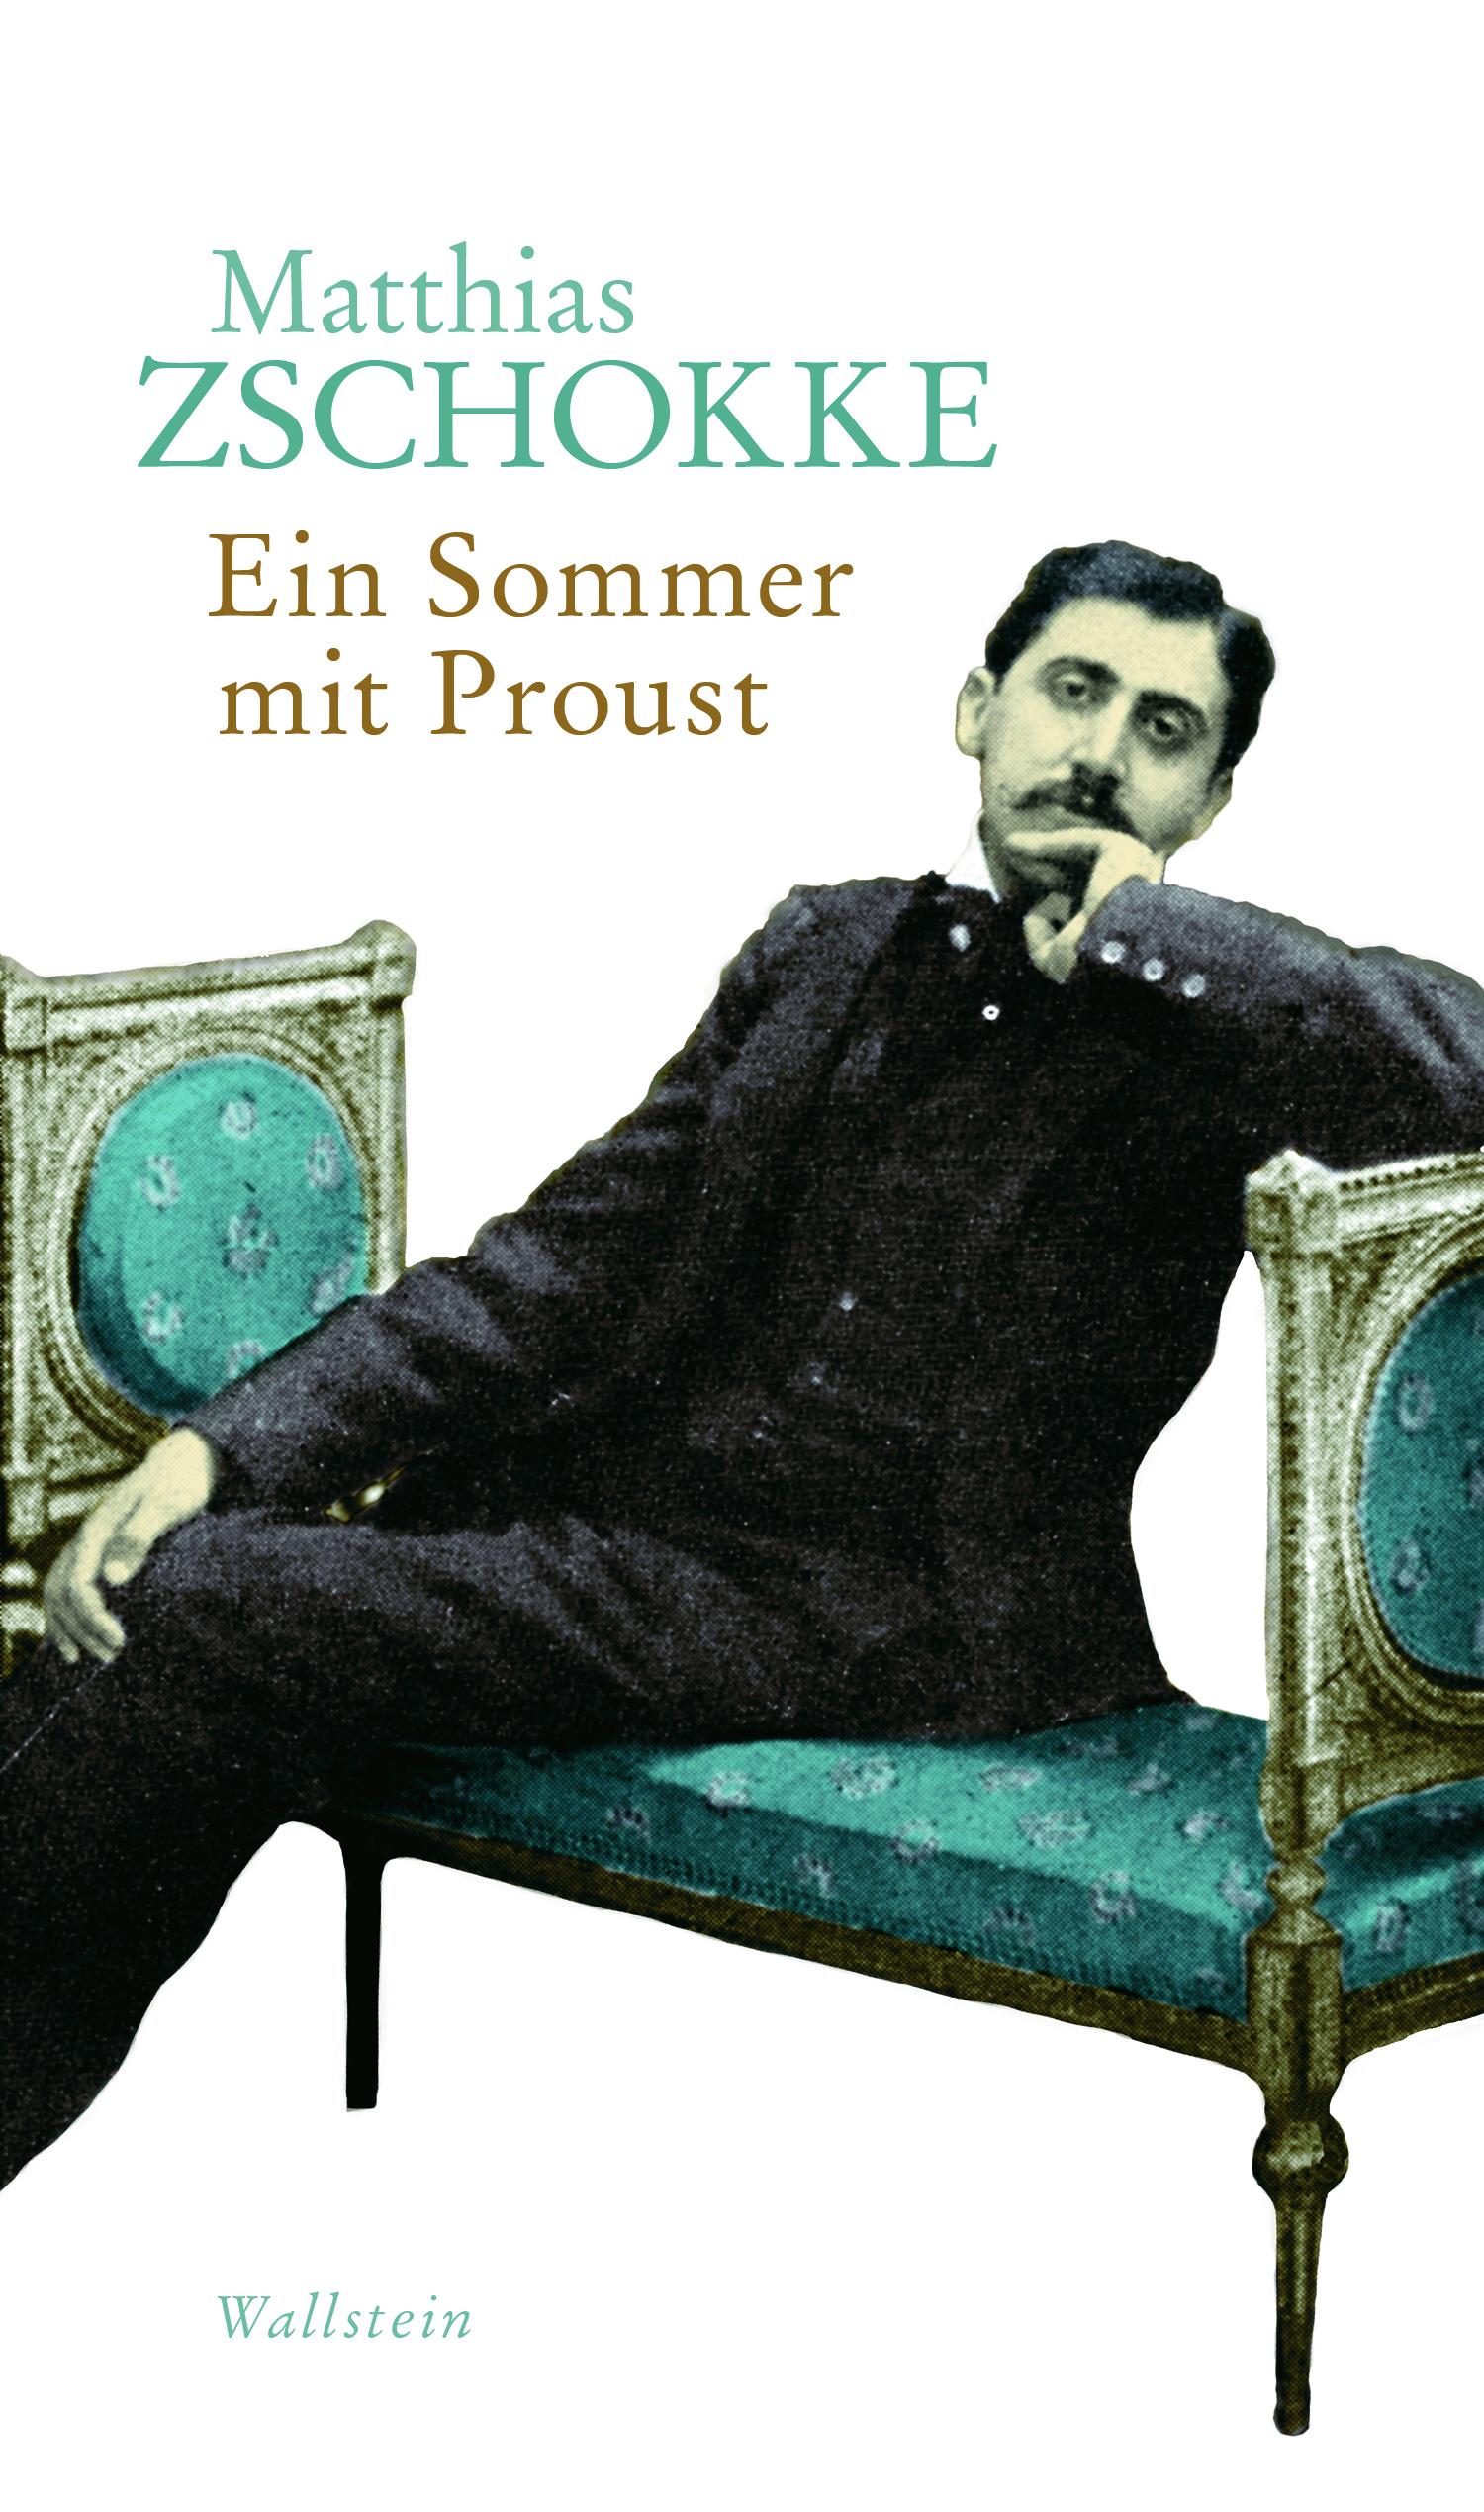 Matthias Zschokke: «Ein Sommer mit Proust»